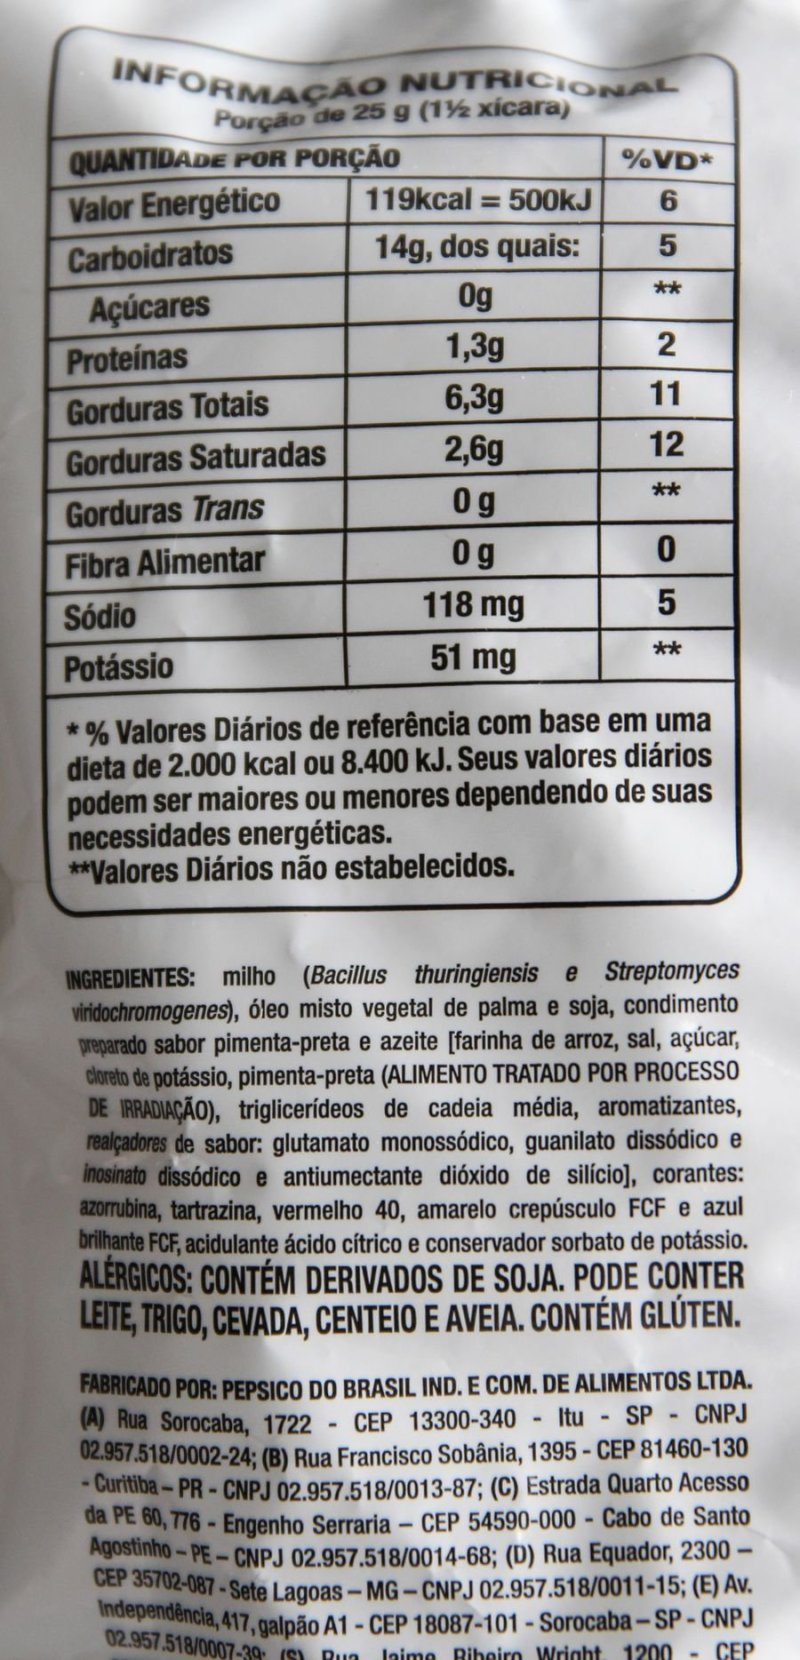 Tabela nutricional e lista de ingredientes do Doritos Rainbow